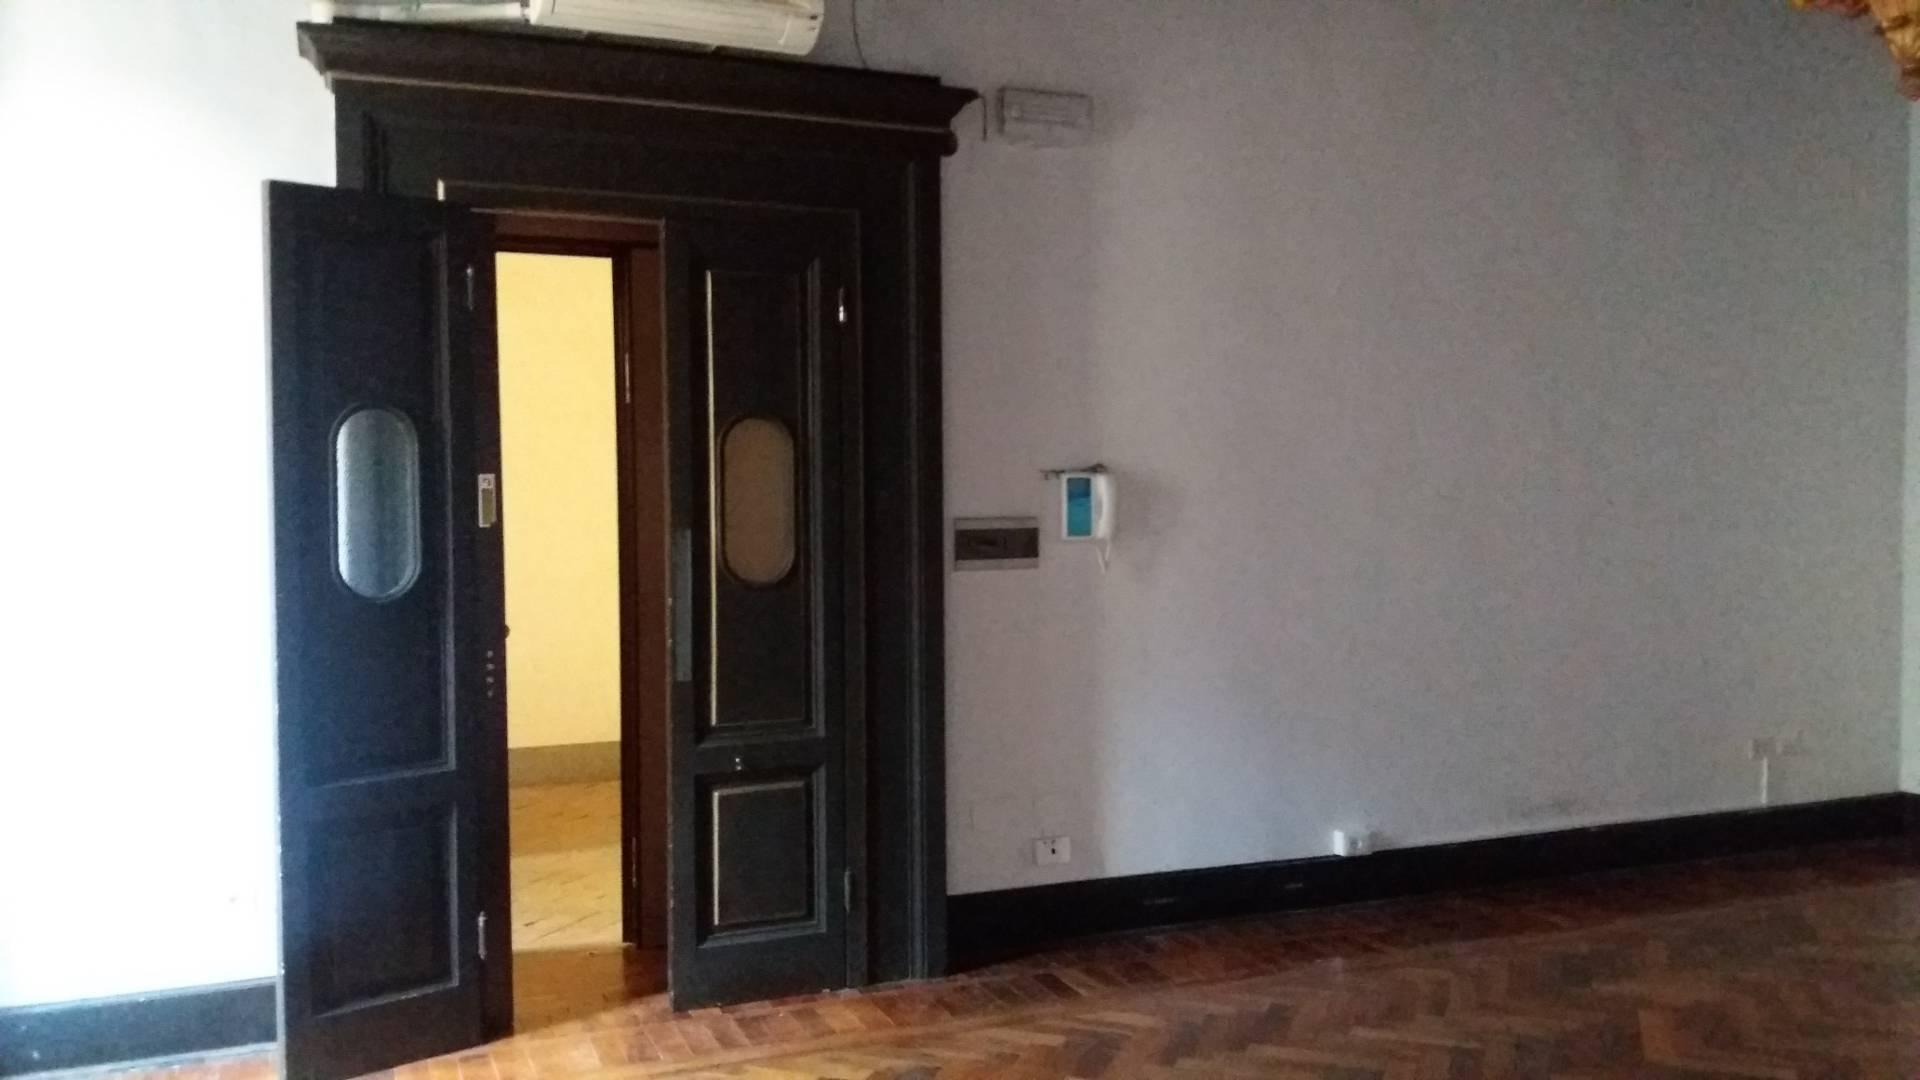 Cbi072 ex1214 ufficio in affitto a roma centro storico for Affitto ufficio giornaliero roma